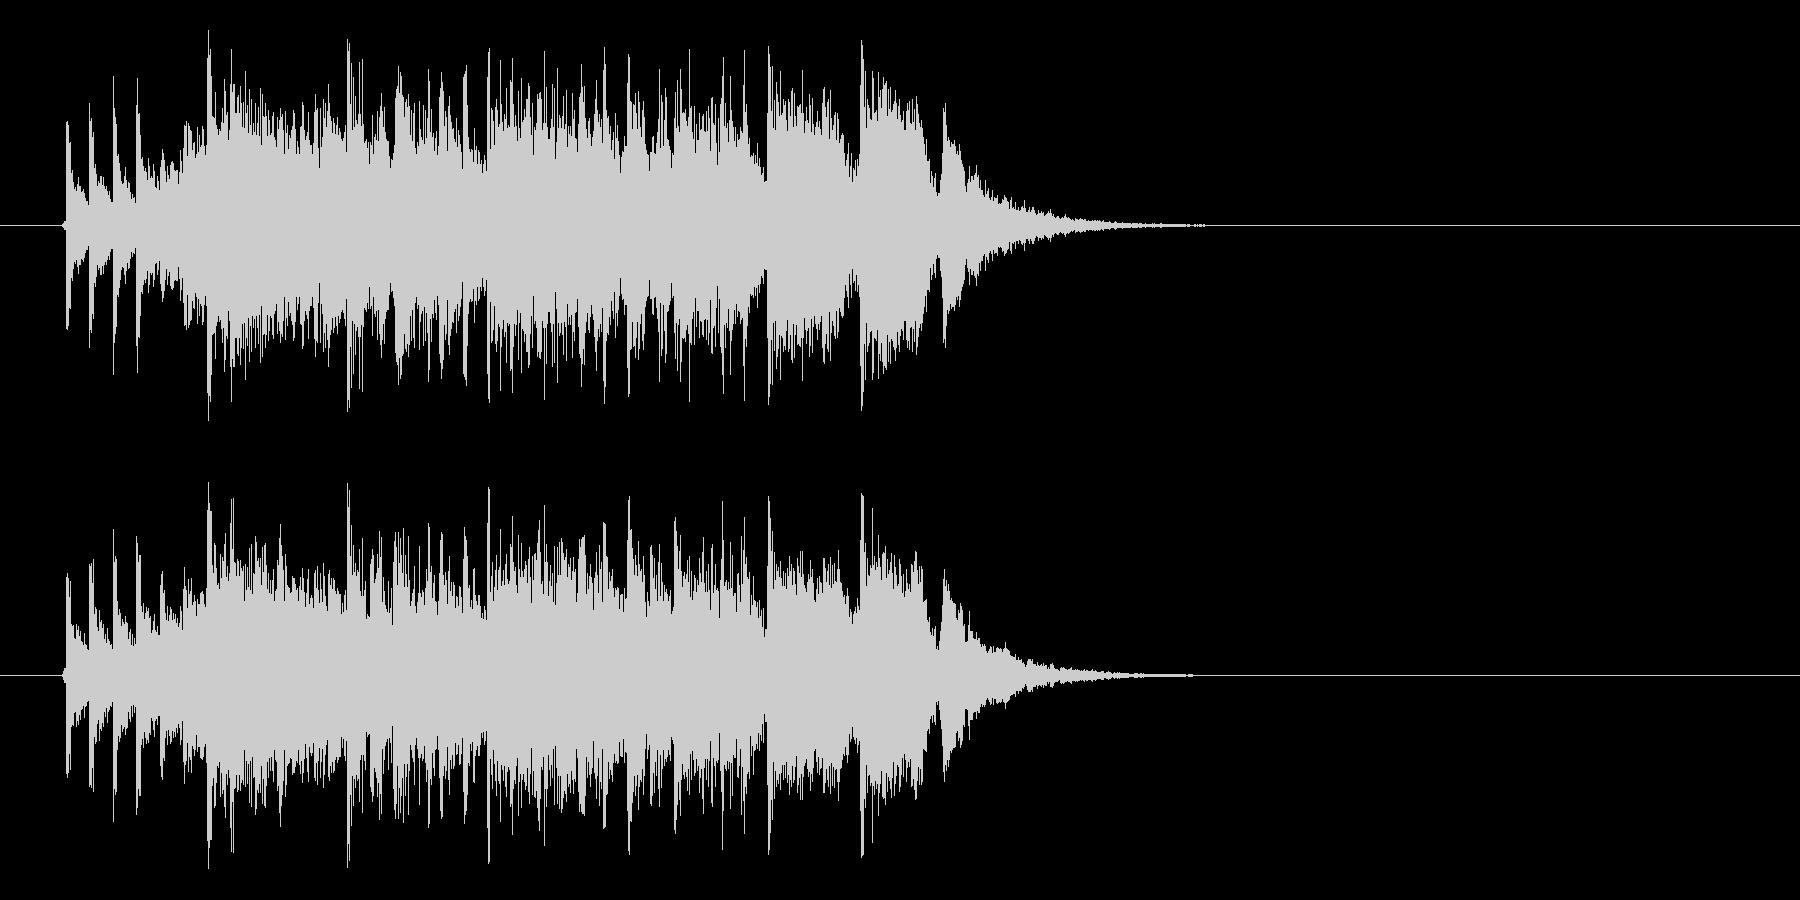 ジングル(ファンファーレ系)の未再生の波形